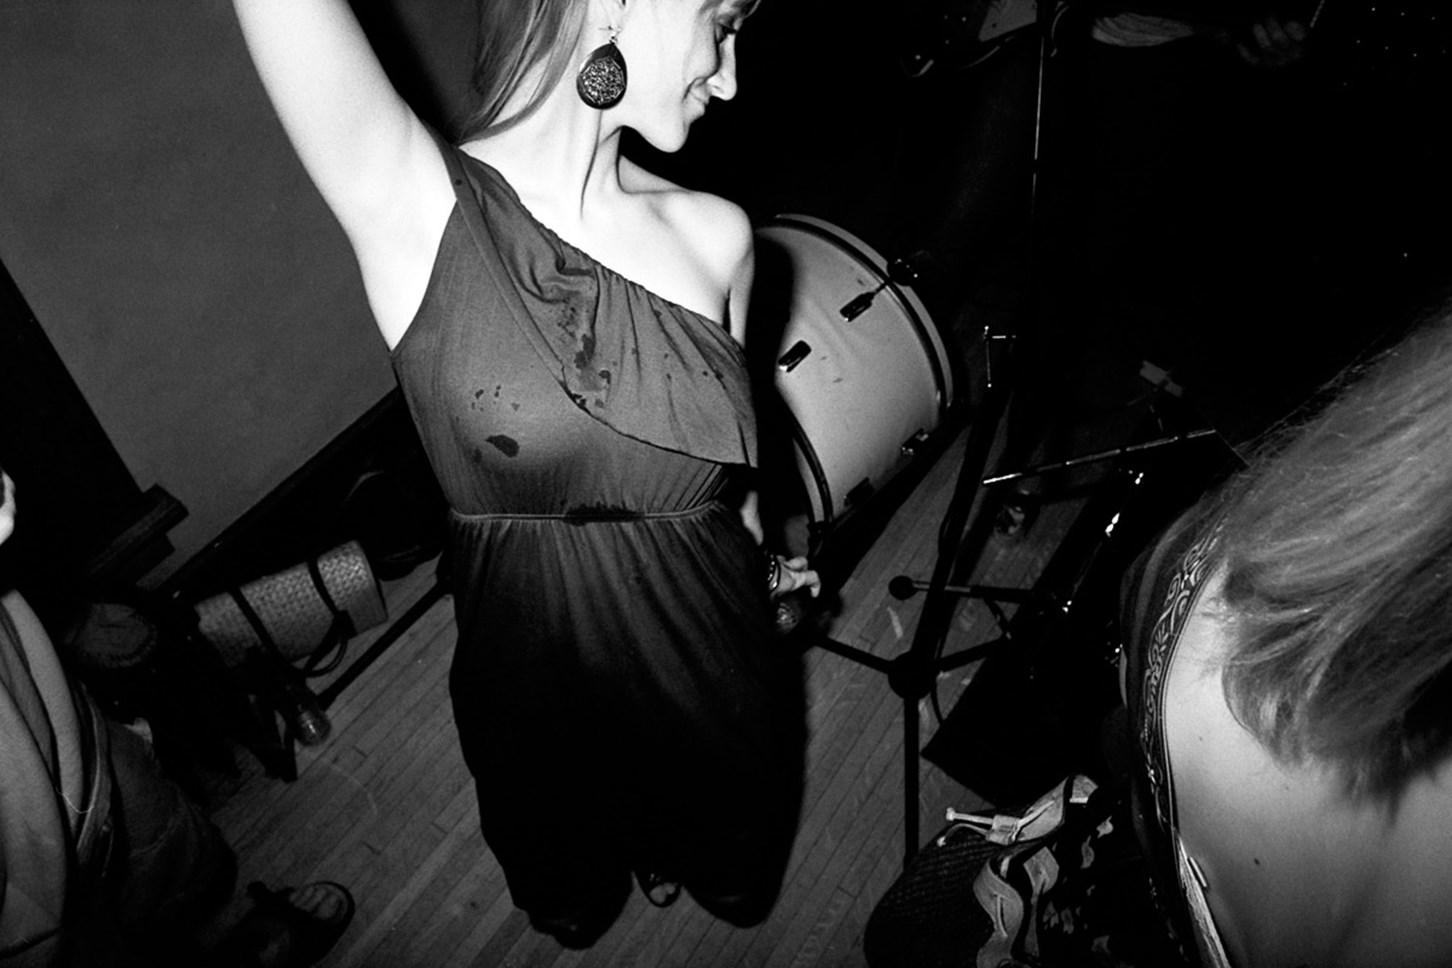 Wet Dress, July 2011